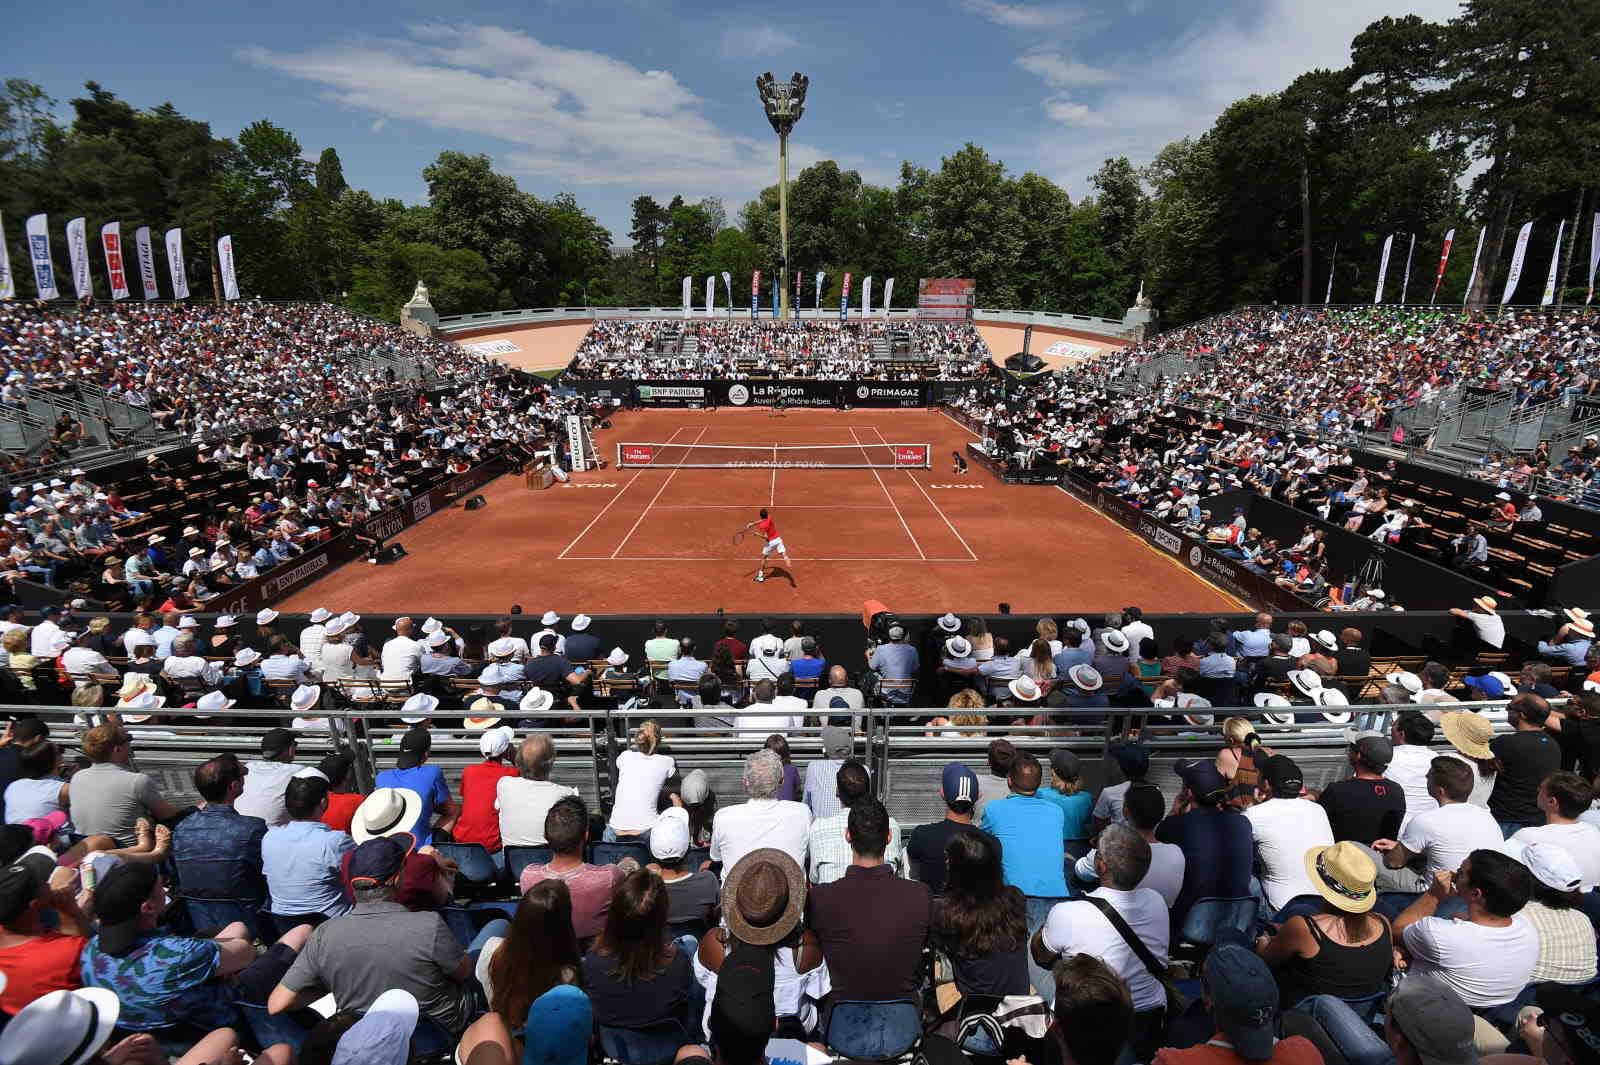 Ce mercredi, le tournoi de tennis de Lyon accueillait du public pour la première fois. Près de 500 spectateurs ont assisté à cette journée malgré le temps peu clément.